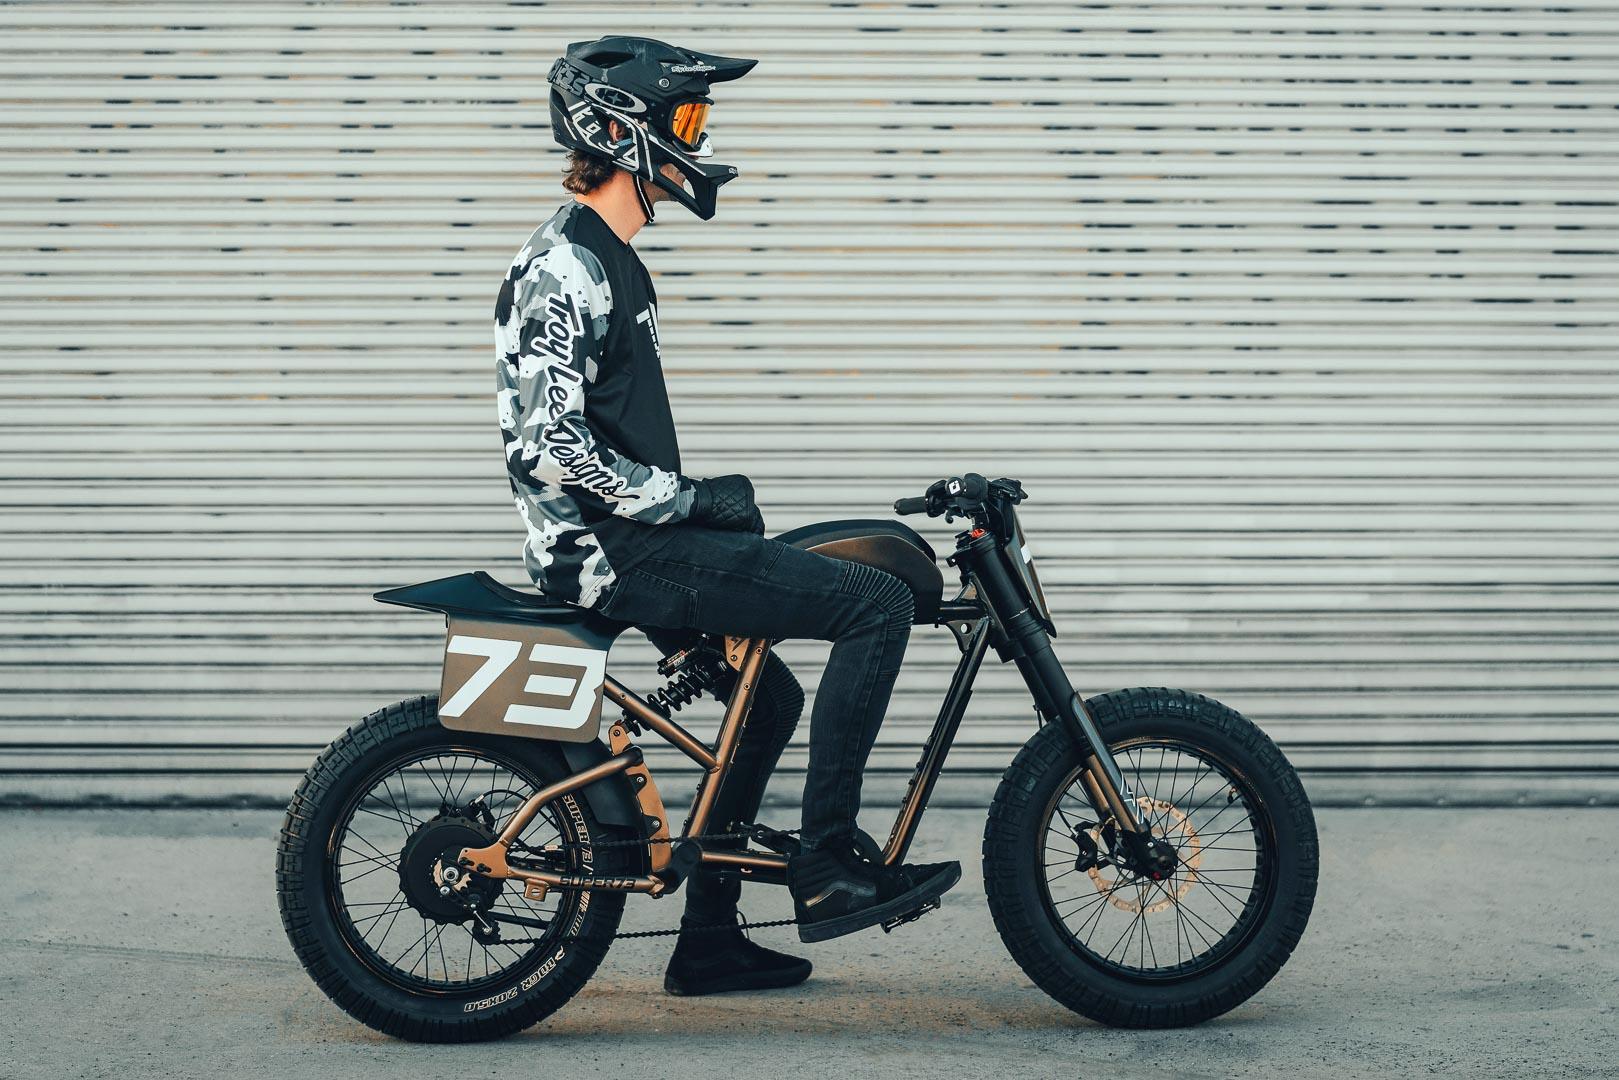 Super73 Flat Track RX: Chiếc xe đạp lai đầy táo bạo Ảnh 10